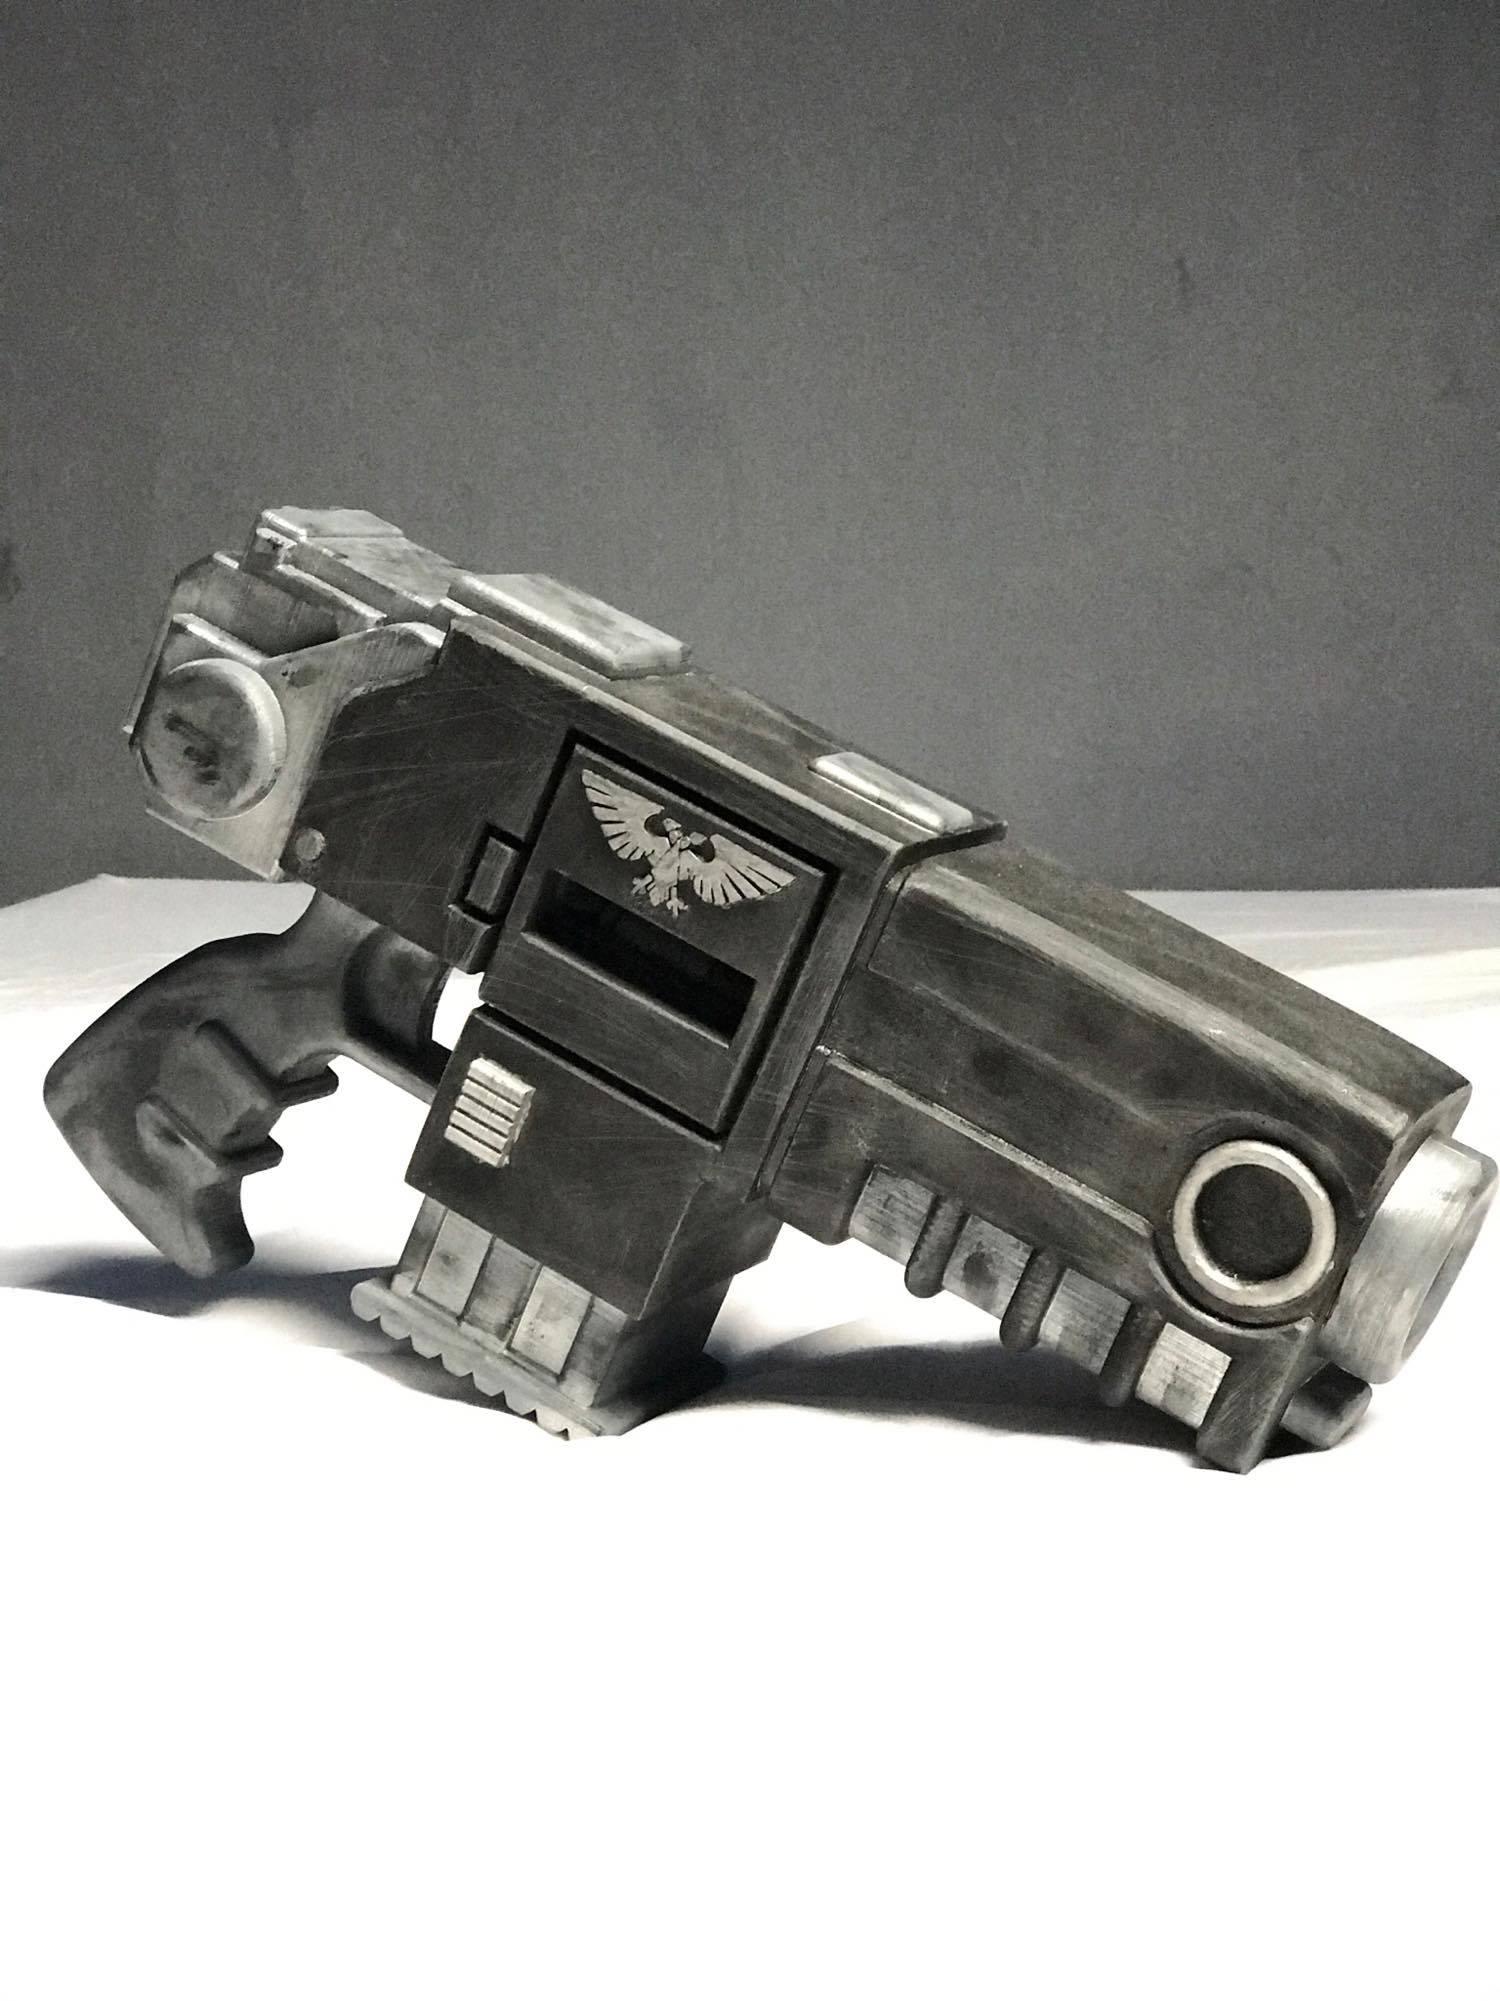 Warhammer 40k Heavy Bolter Pistol